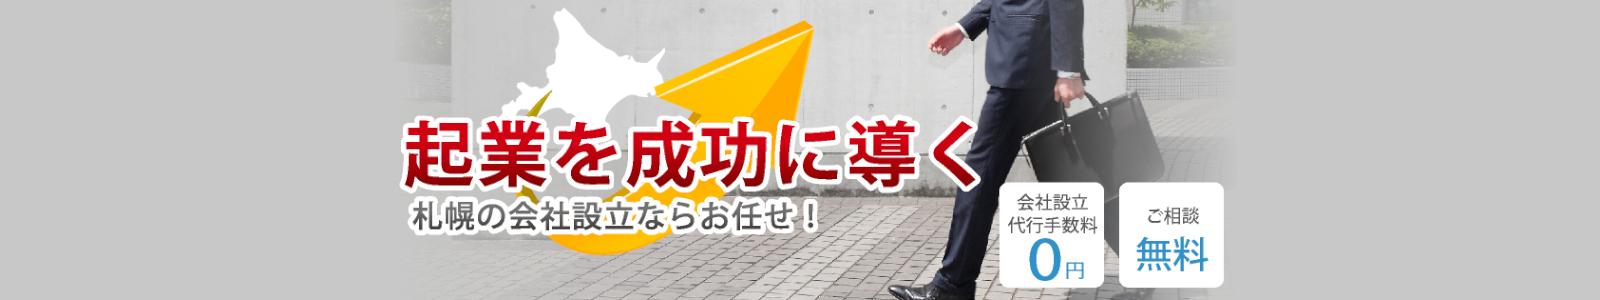 起業を成功に導く 札幌の会社設立ならお任せ 会社設立代行手数料 0円 ご相談無料